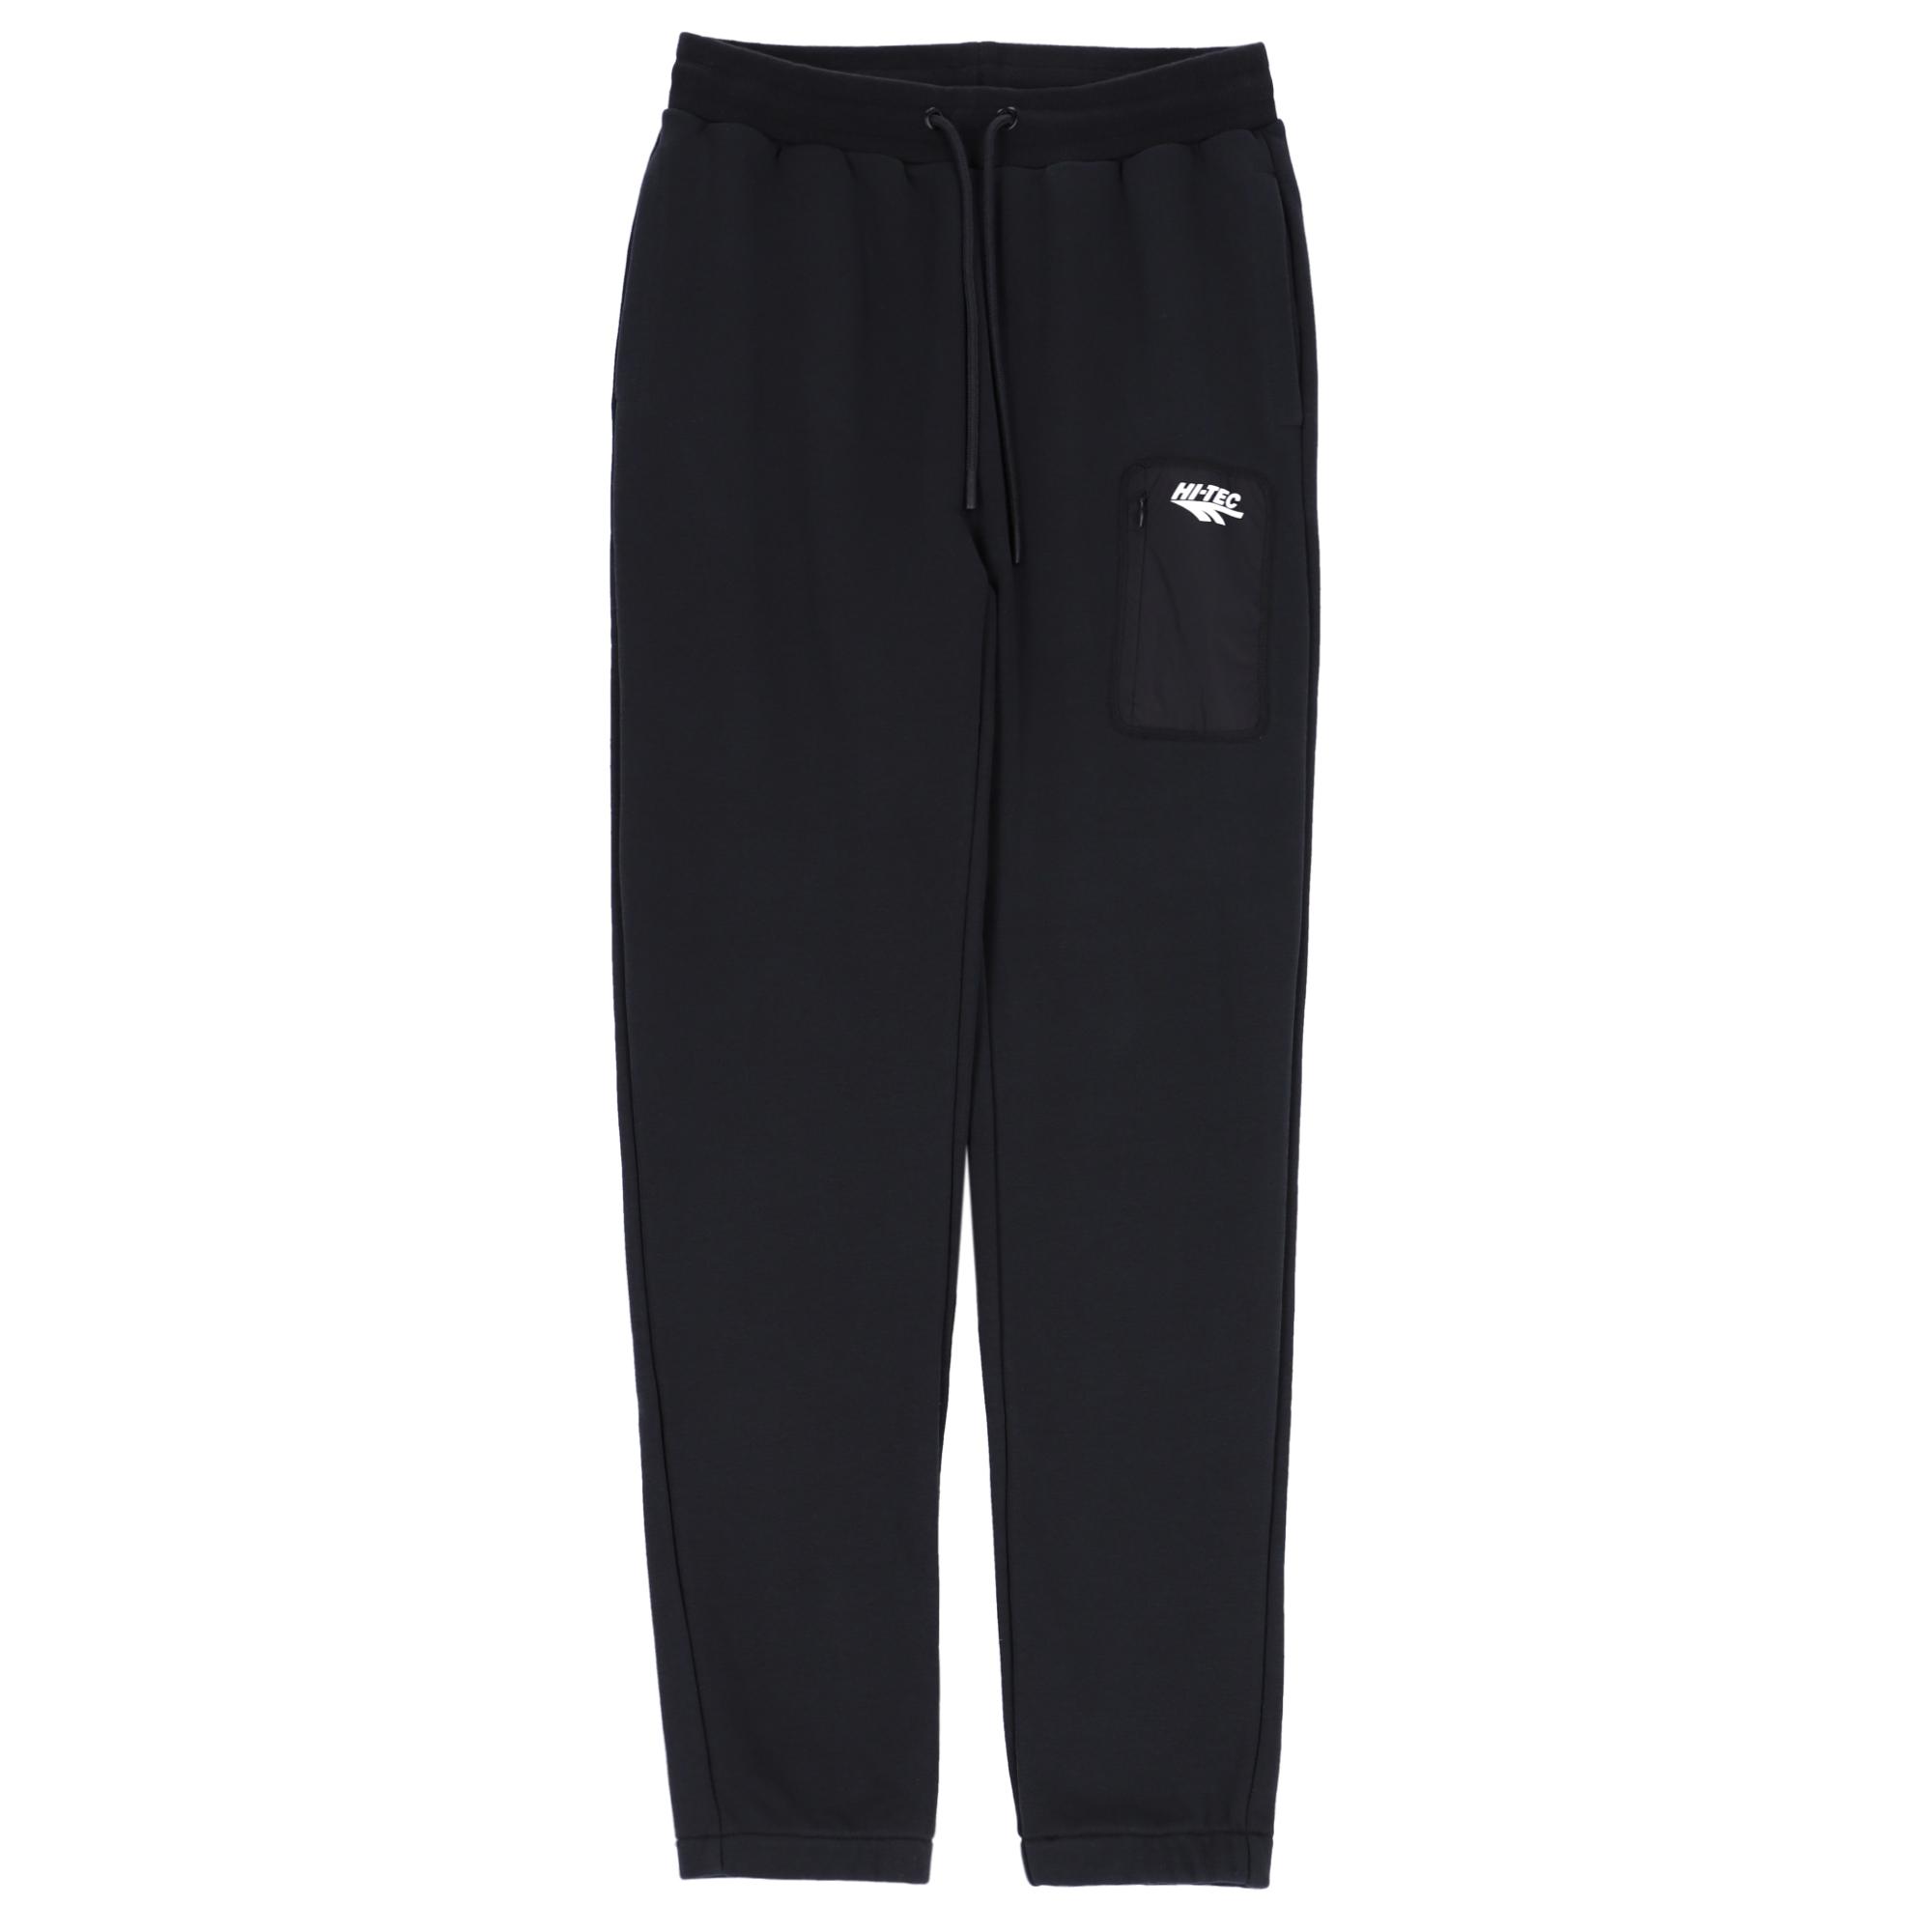 HI-TEC Zoya sweatpants, jet black, small